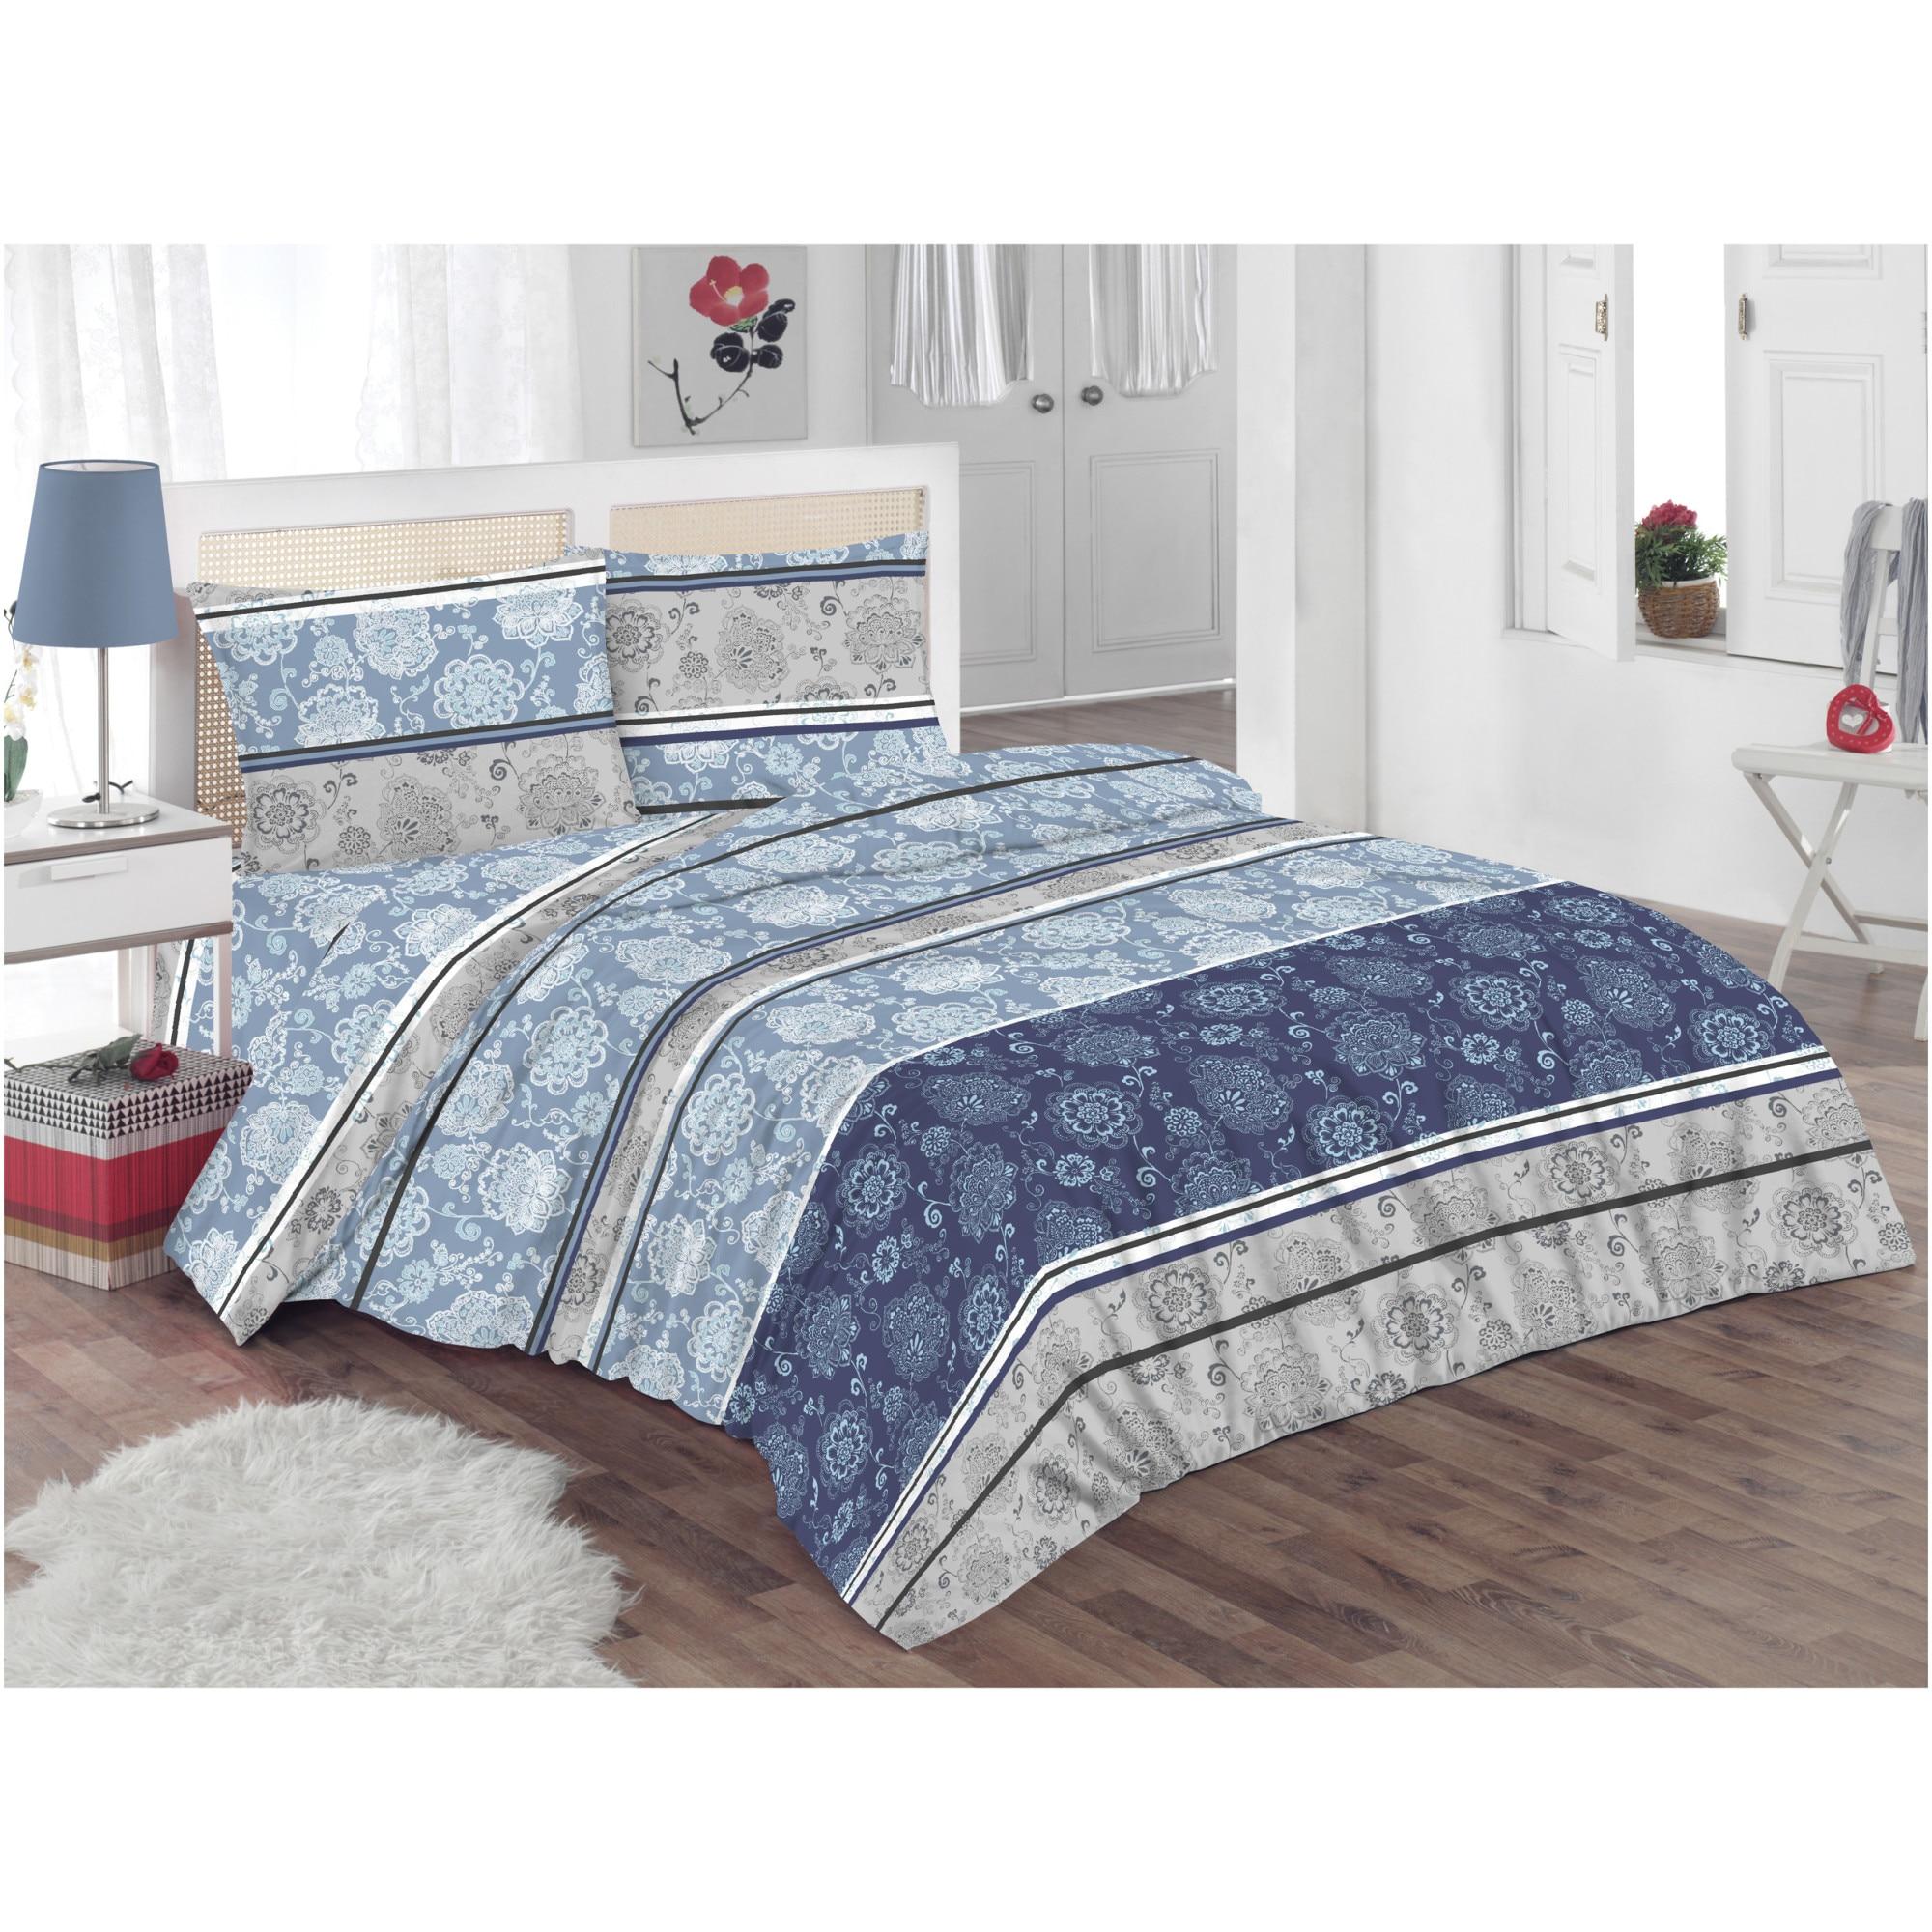 Lenjerie de pat pentru doua persoane Kring Azur